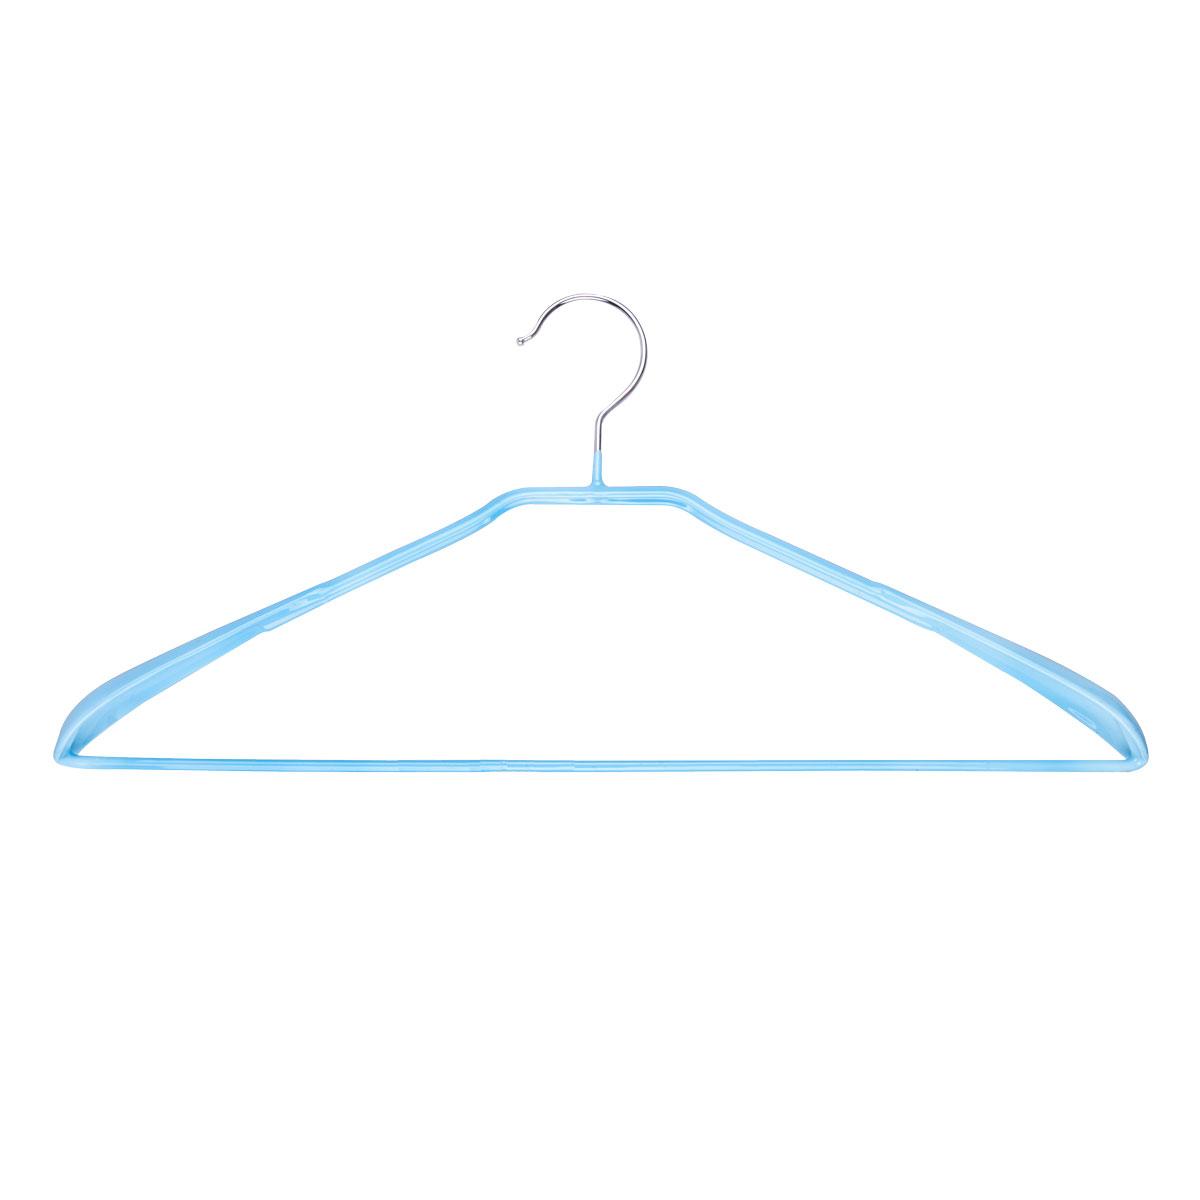 Вешалка для одежды Miolla, с расширенными плечиками, цвет: голубой, 42 х 19 х 3,5 смU210DFУниверсальная вешалка для одежды Miolla выполнена из прочной стали. Специальное резиновое покрытие предотвращает соскальзывание одежды. Изделие оснащено перекладиной для брюк и расширенными плечиками. Вешалка - это незаменимая вещь для того, чтобы ваша одежда всегда оставалась в хорошем состоянии.